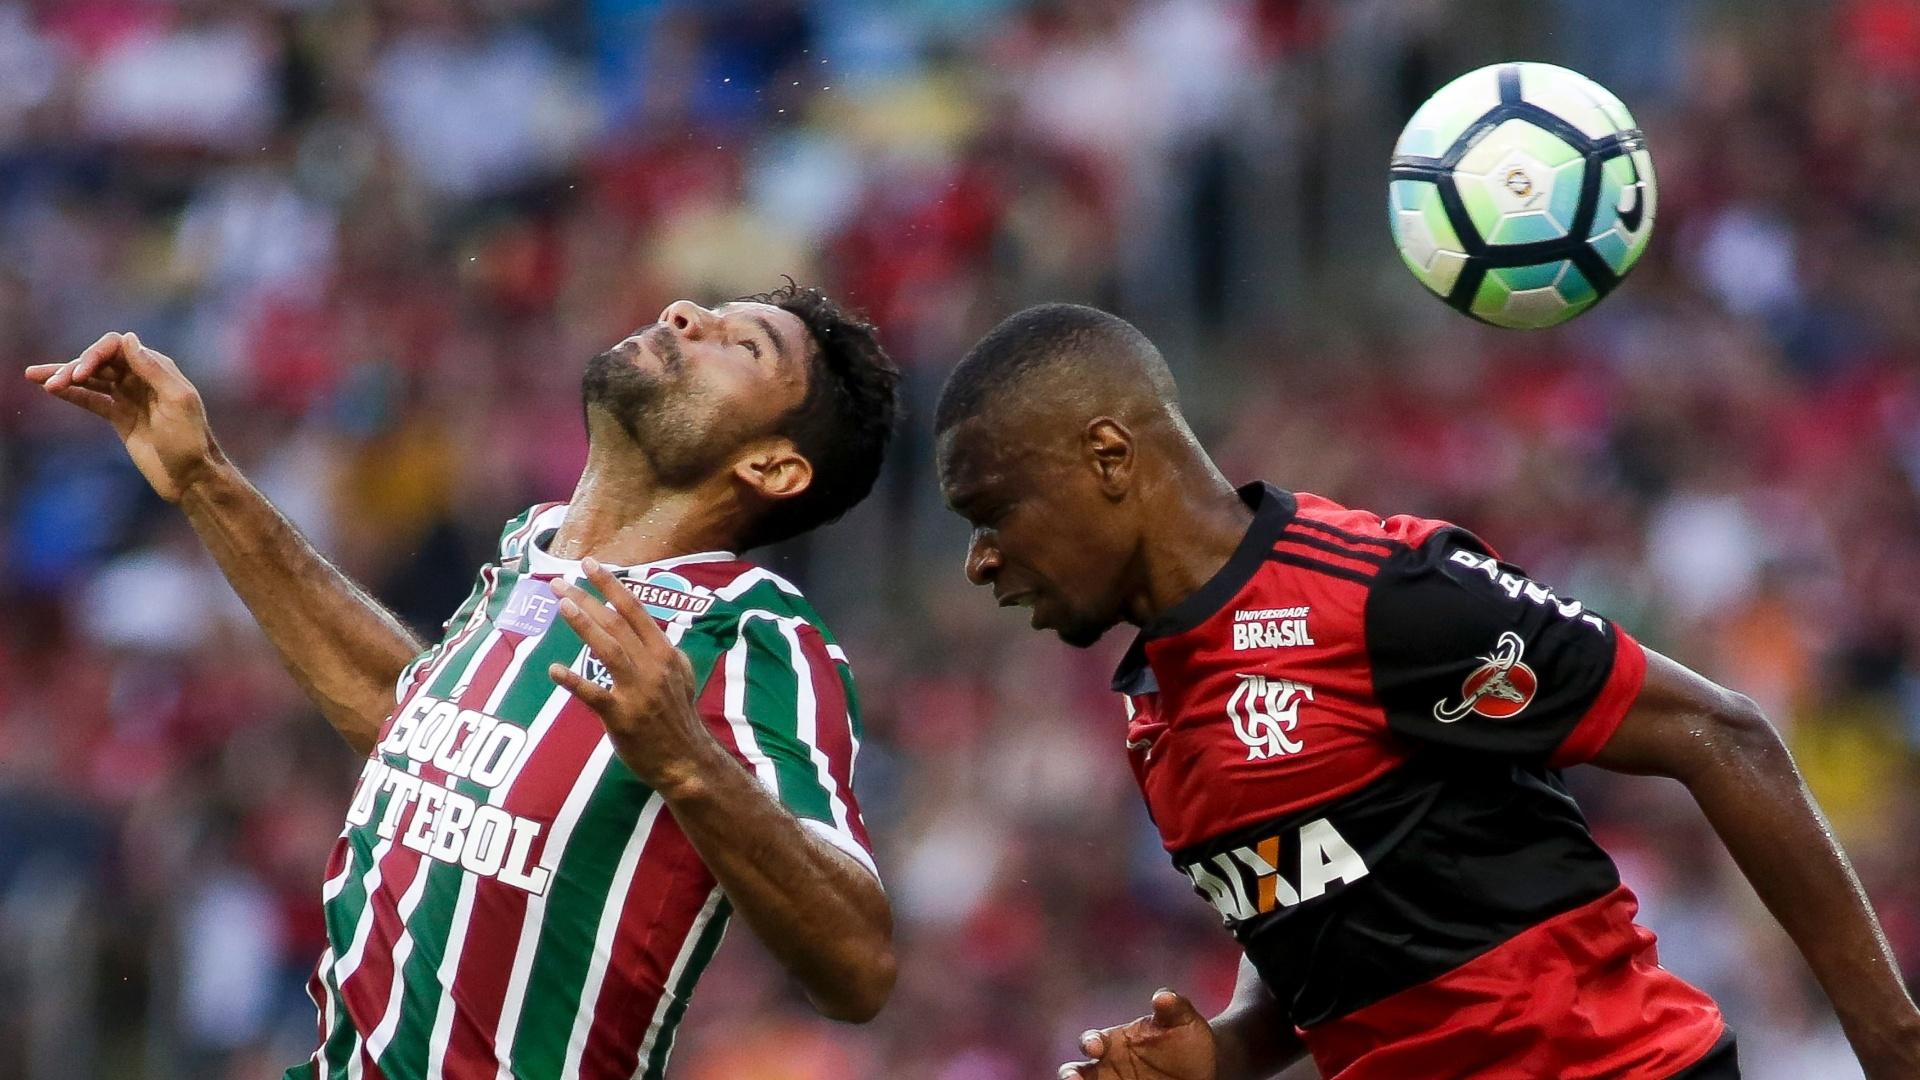 Gum e Juan tentam o cabeceio no clássico entre Flamengo e Fluminense